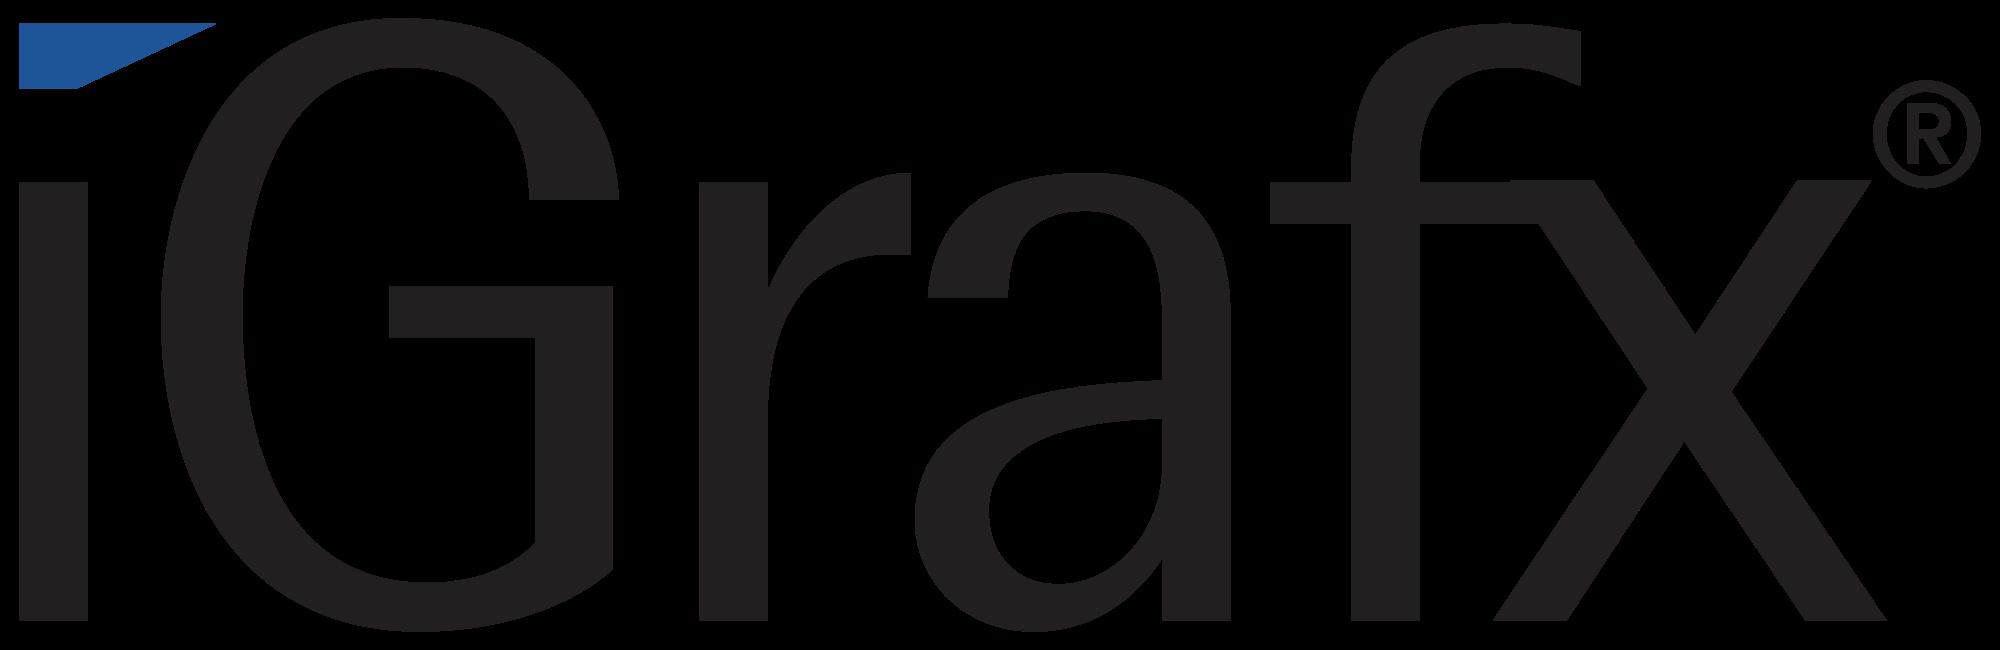 igrafx_logo.png